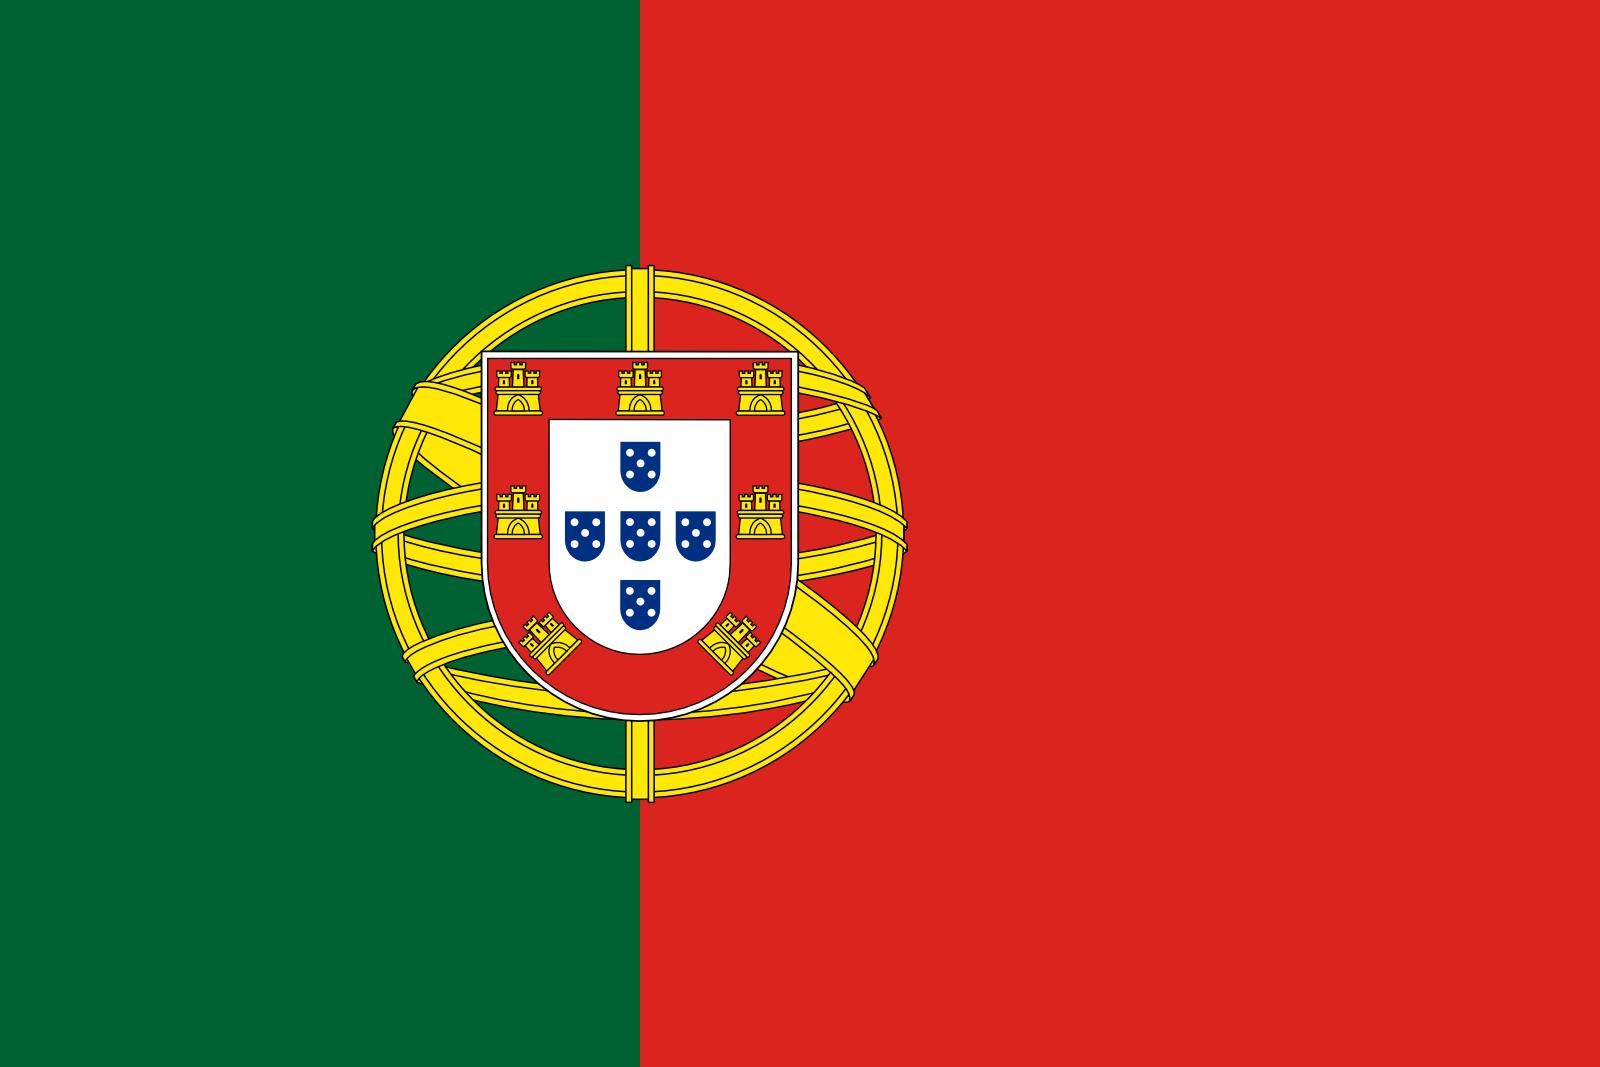 DESCUBRIMIENTOS GEOGRÁFICOS DE PORTUGAL